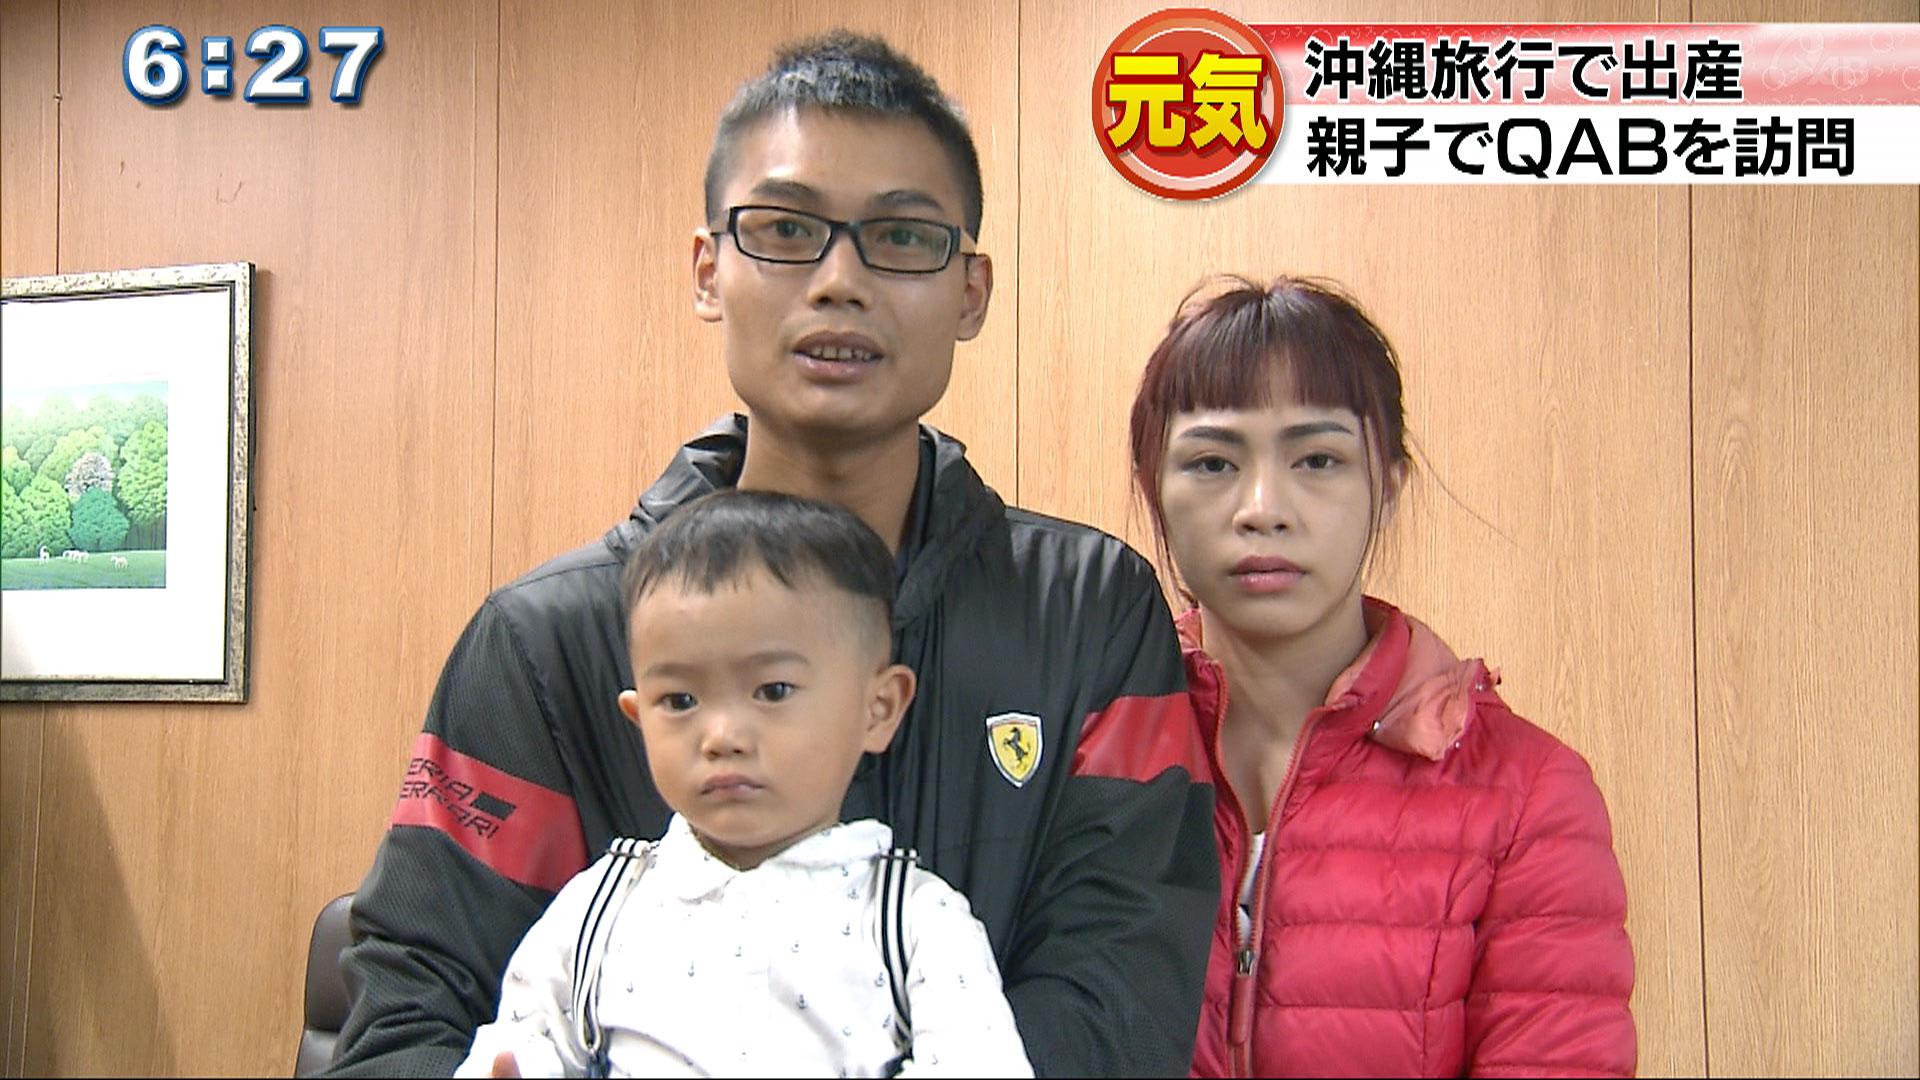 2年前沖縄で早産した台湾の親子が来社